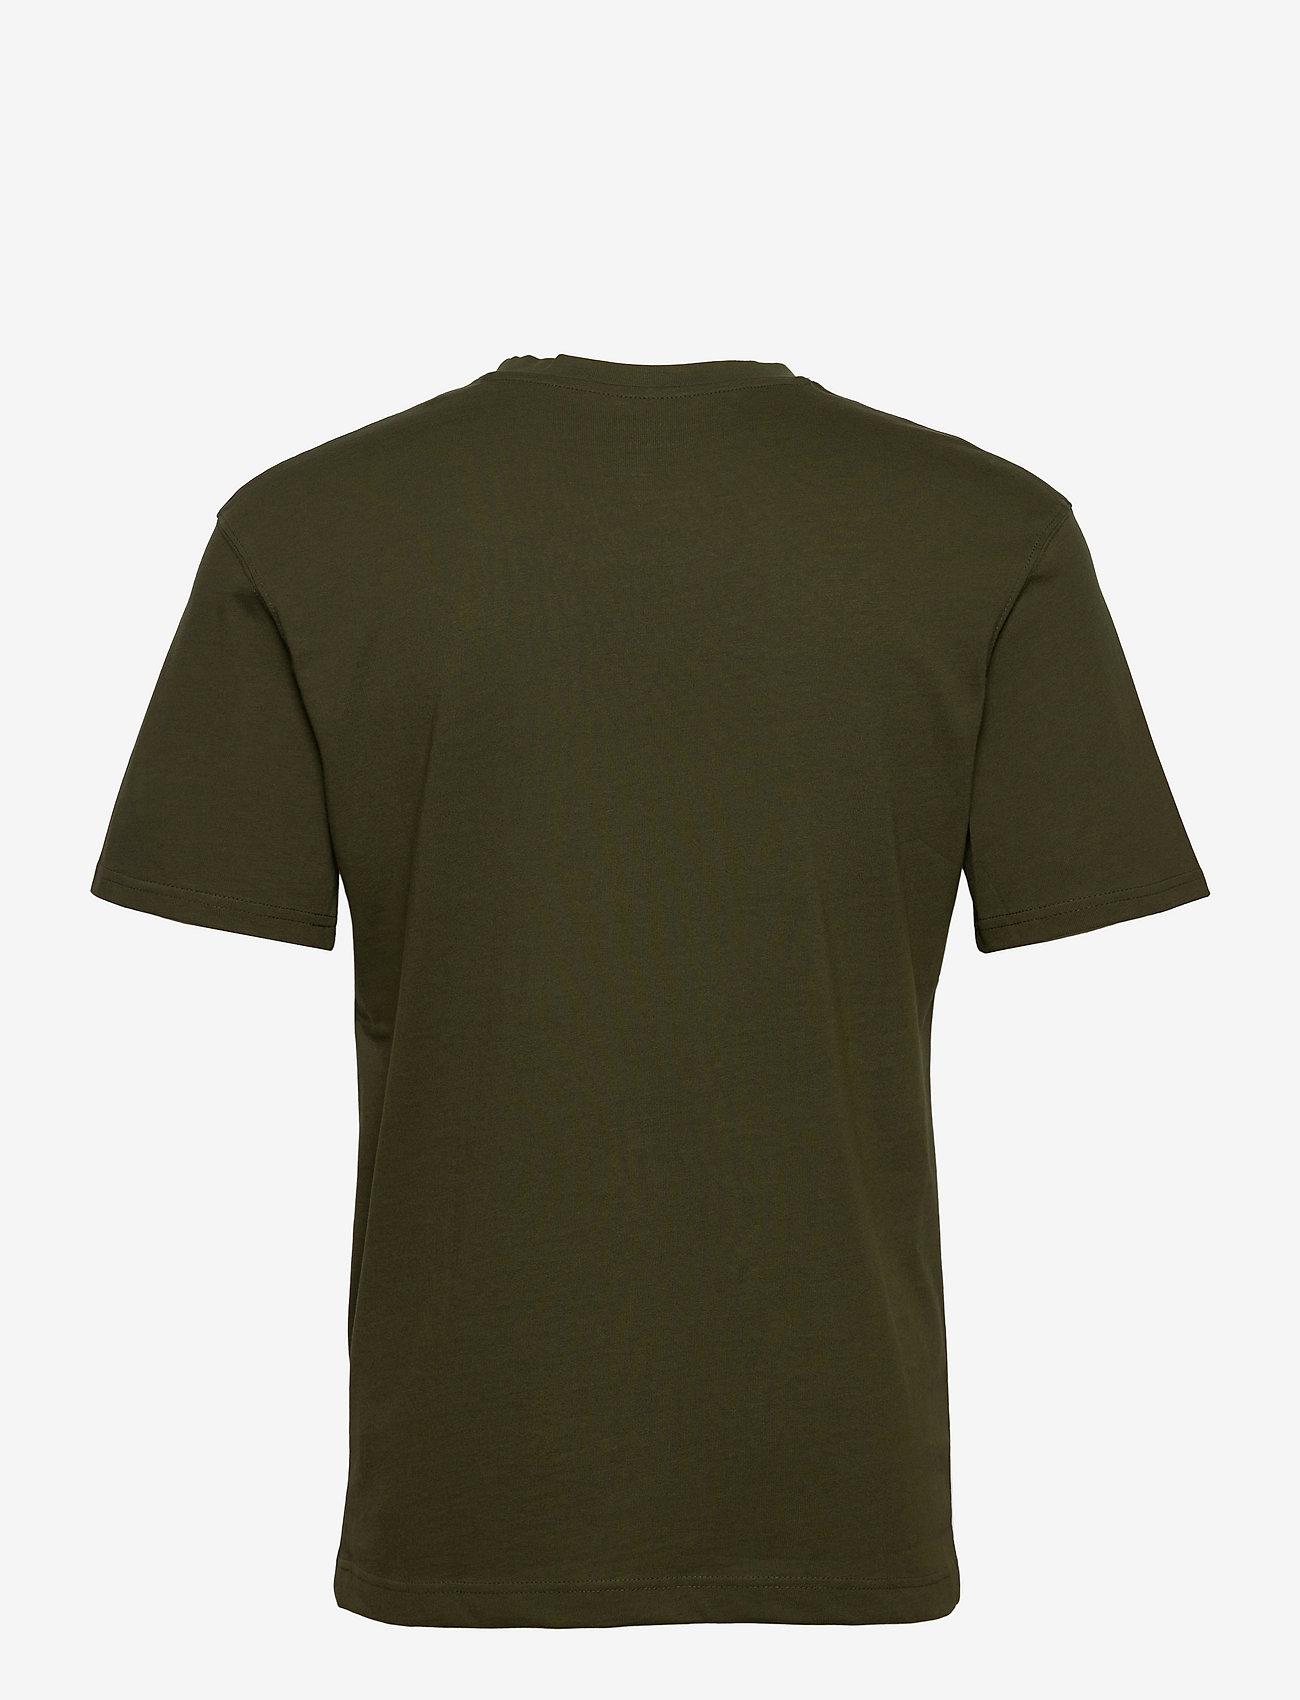 Jack & Jones - JJERELAXED TEE SS O-NECK - basic t-shirts - forest night - 1